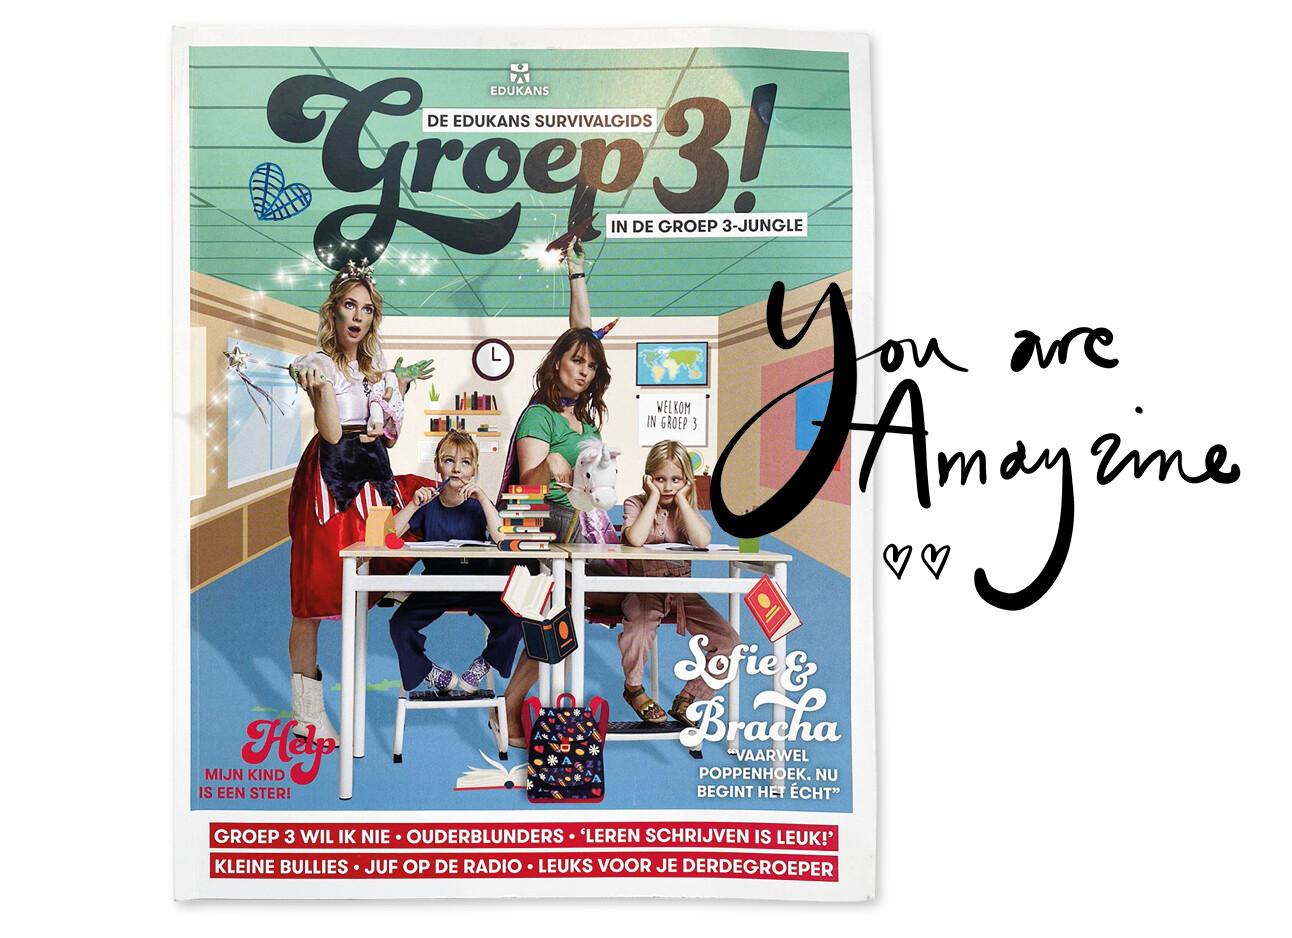 Magazine van Bracha Groep3!